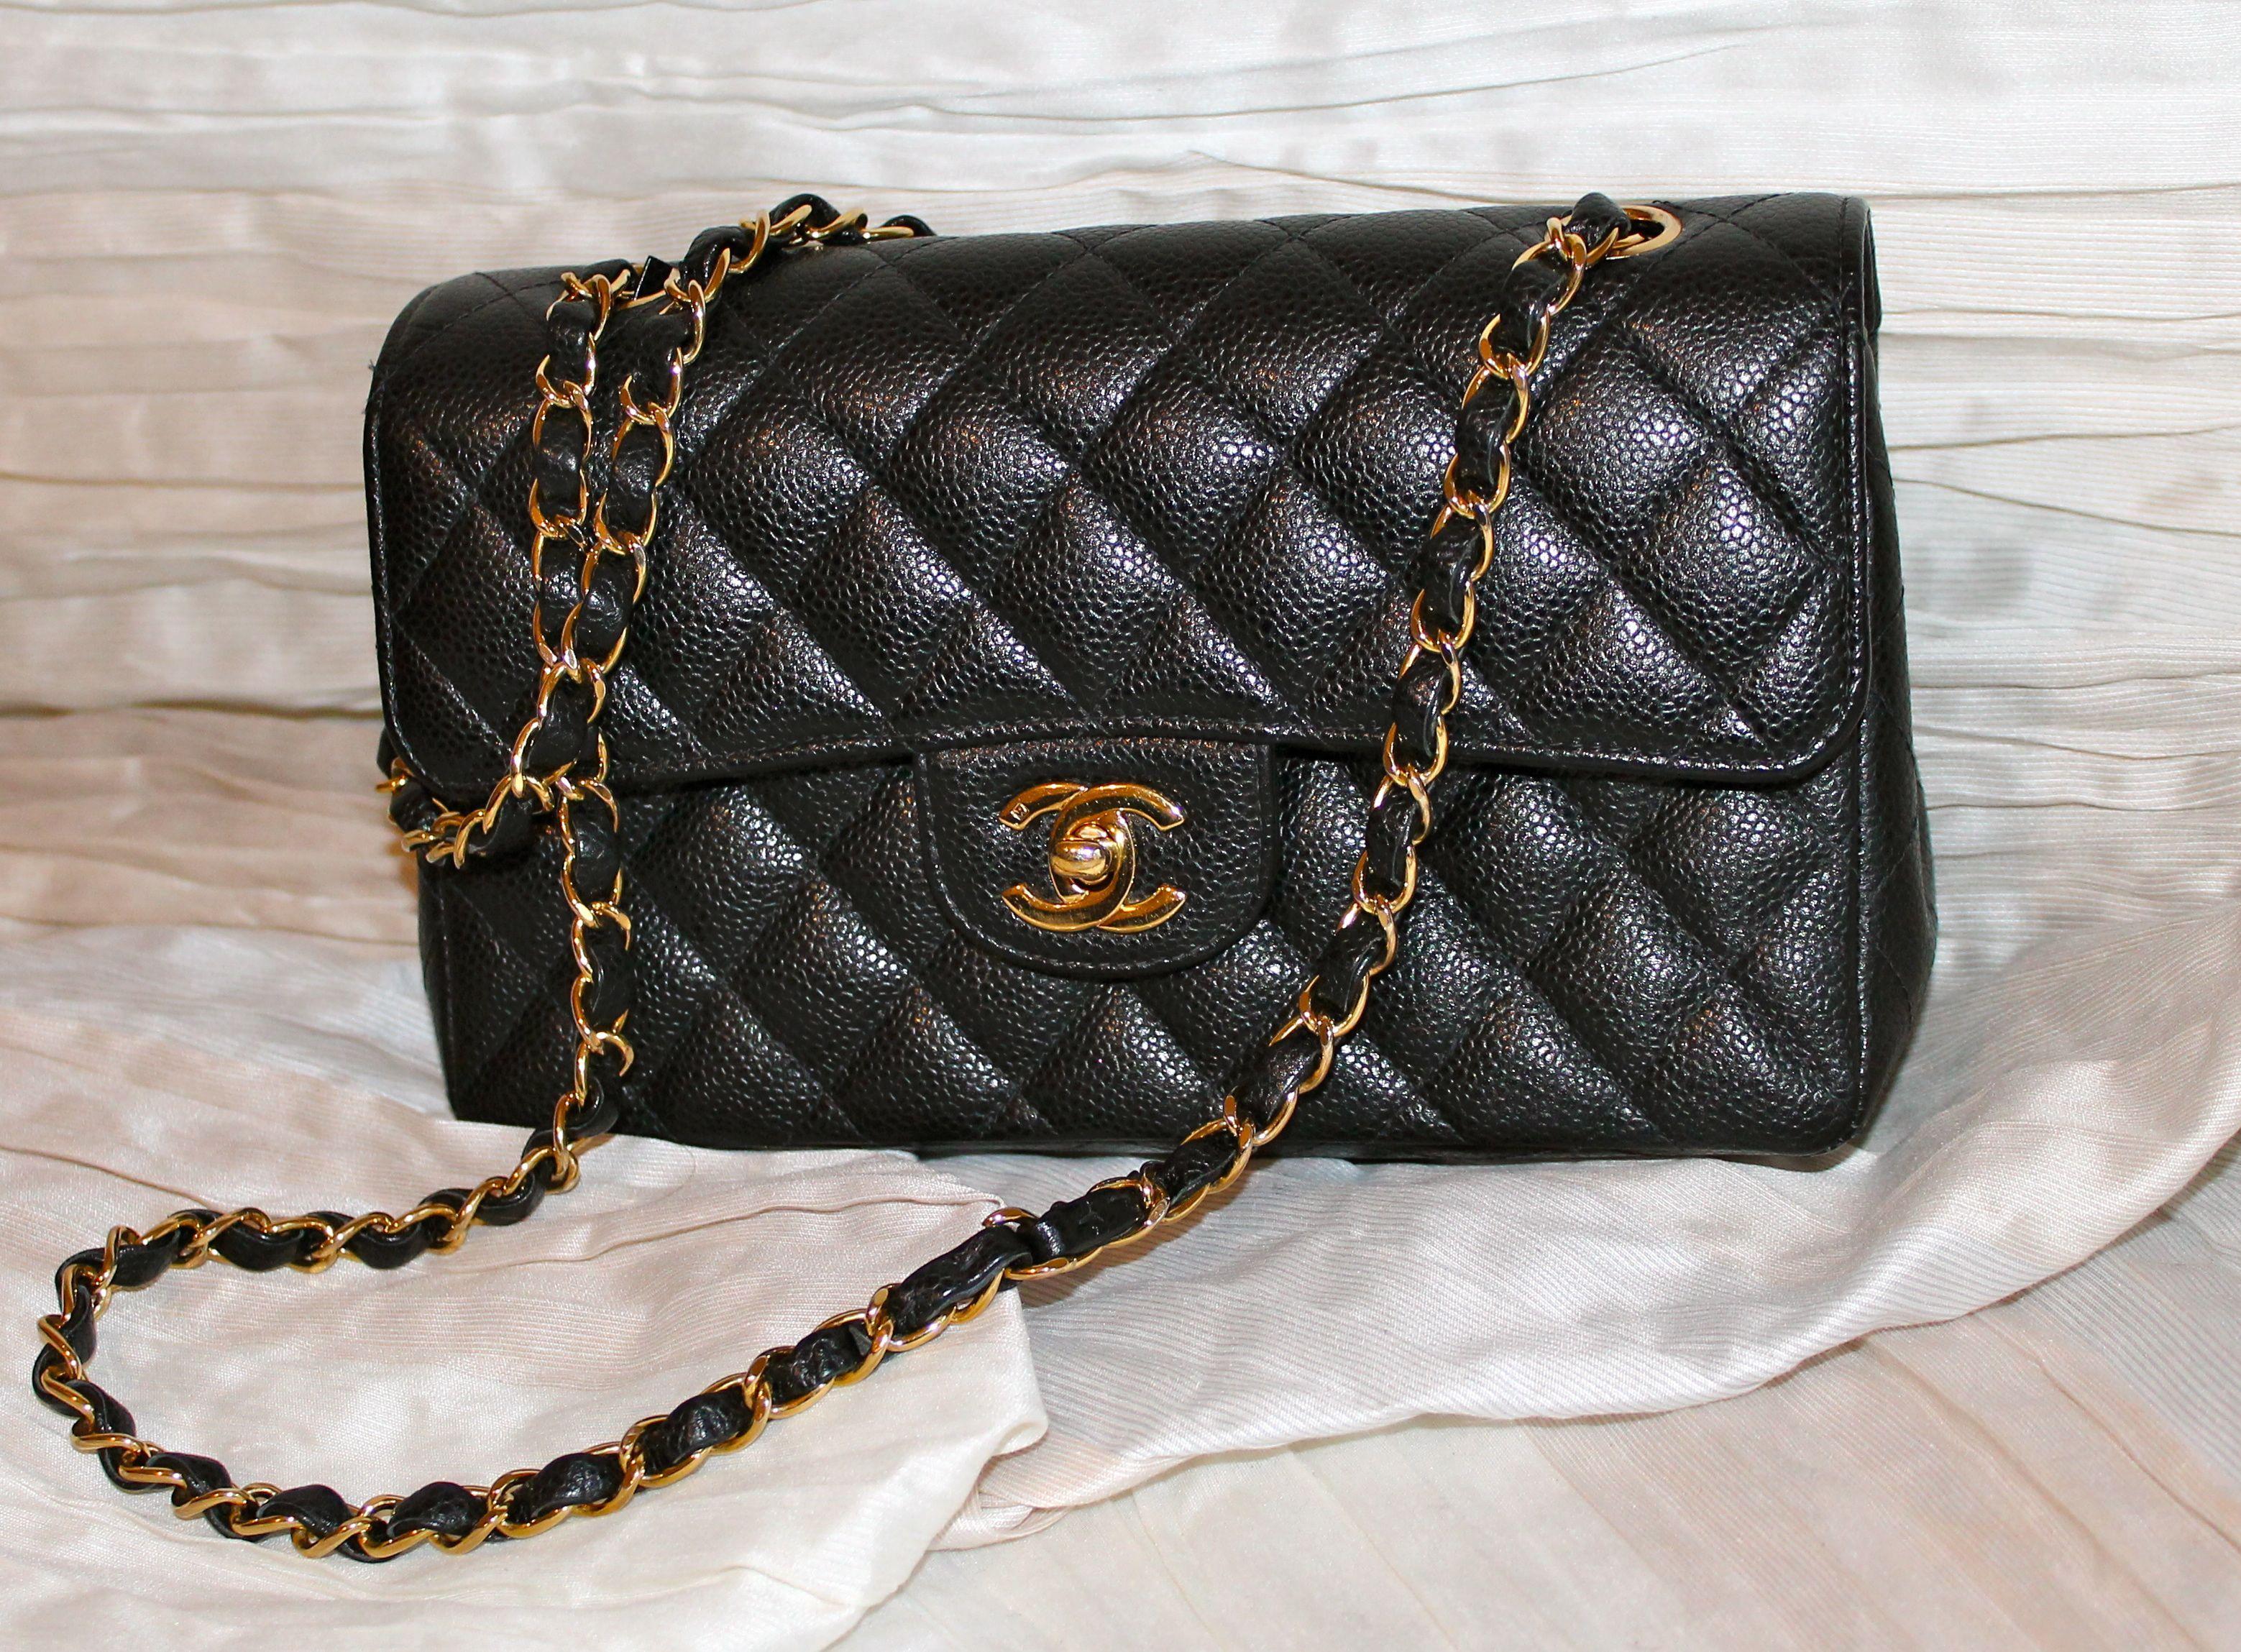 Borse Con Catena Chanel.Borsa Classica Chanel Modello Medio In Caviar Nero Doppia